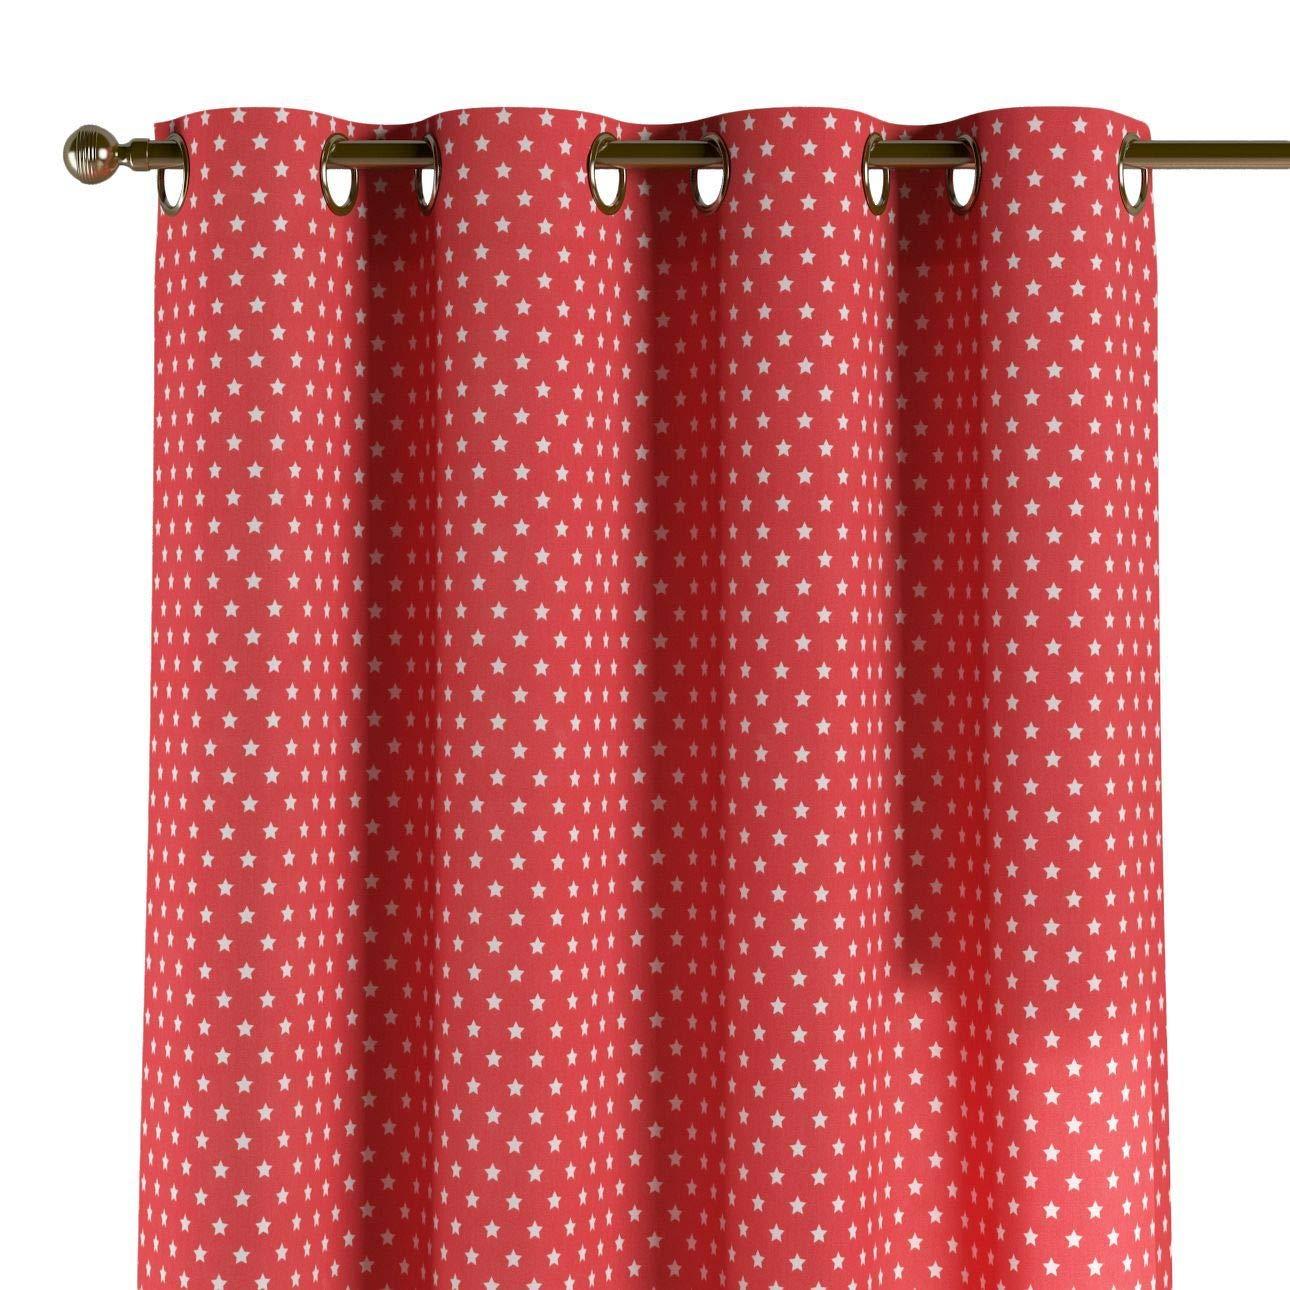 Dekoria Ösenschal Dekoschal Blickdicht 1 Stck. 130 × 260 cm pink- Weiss Maßanfertigung möglich